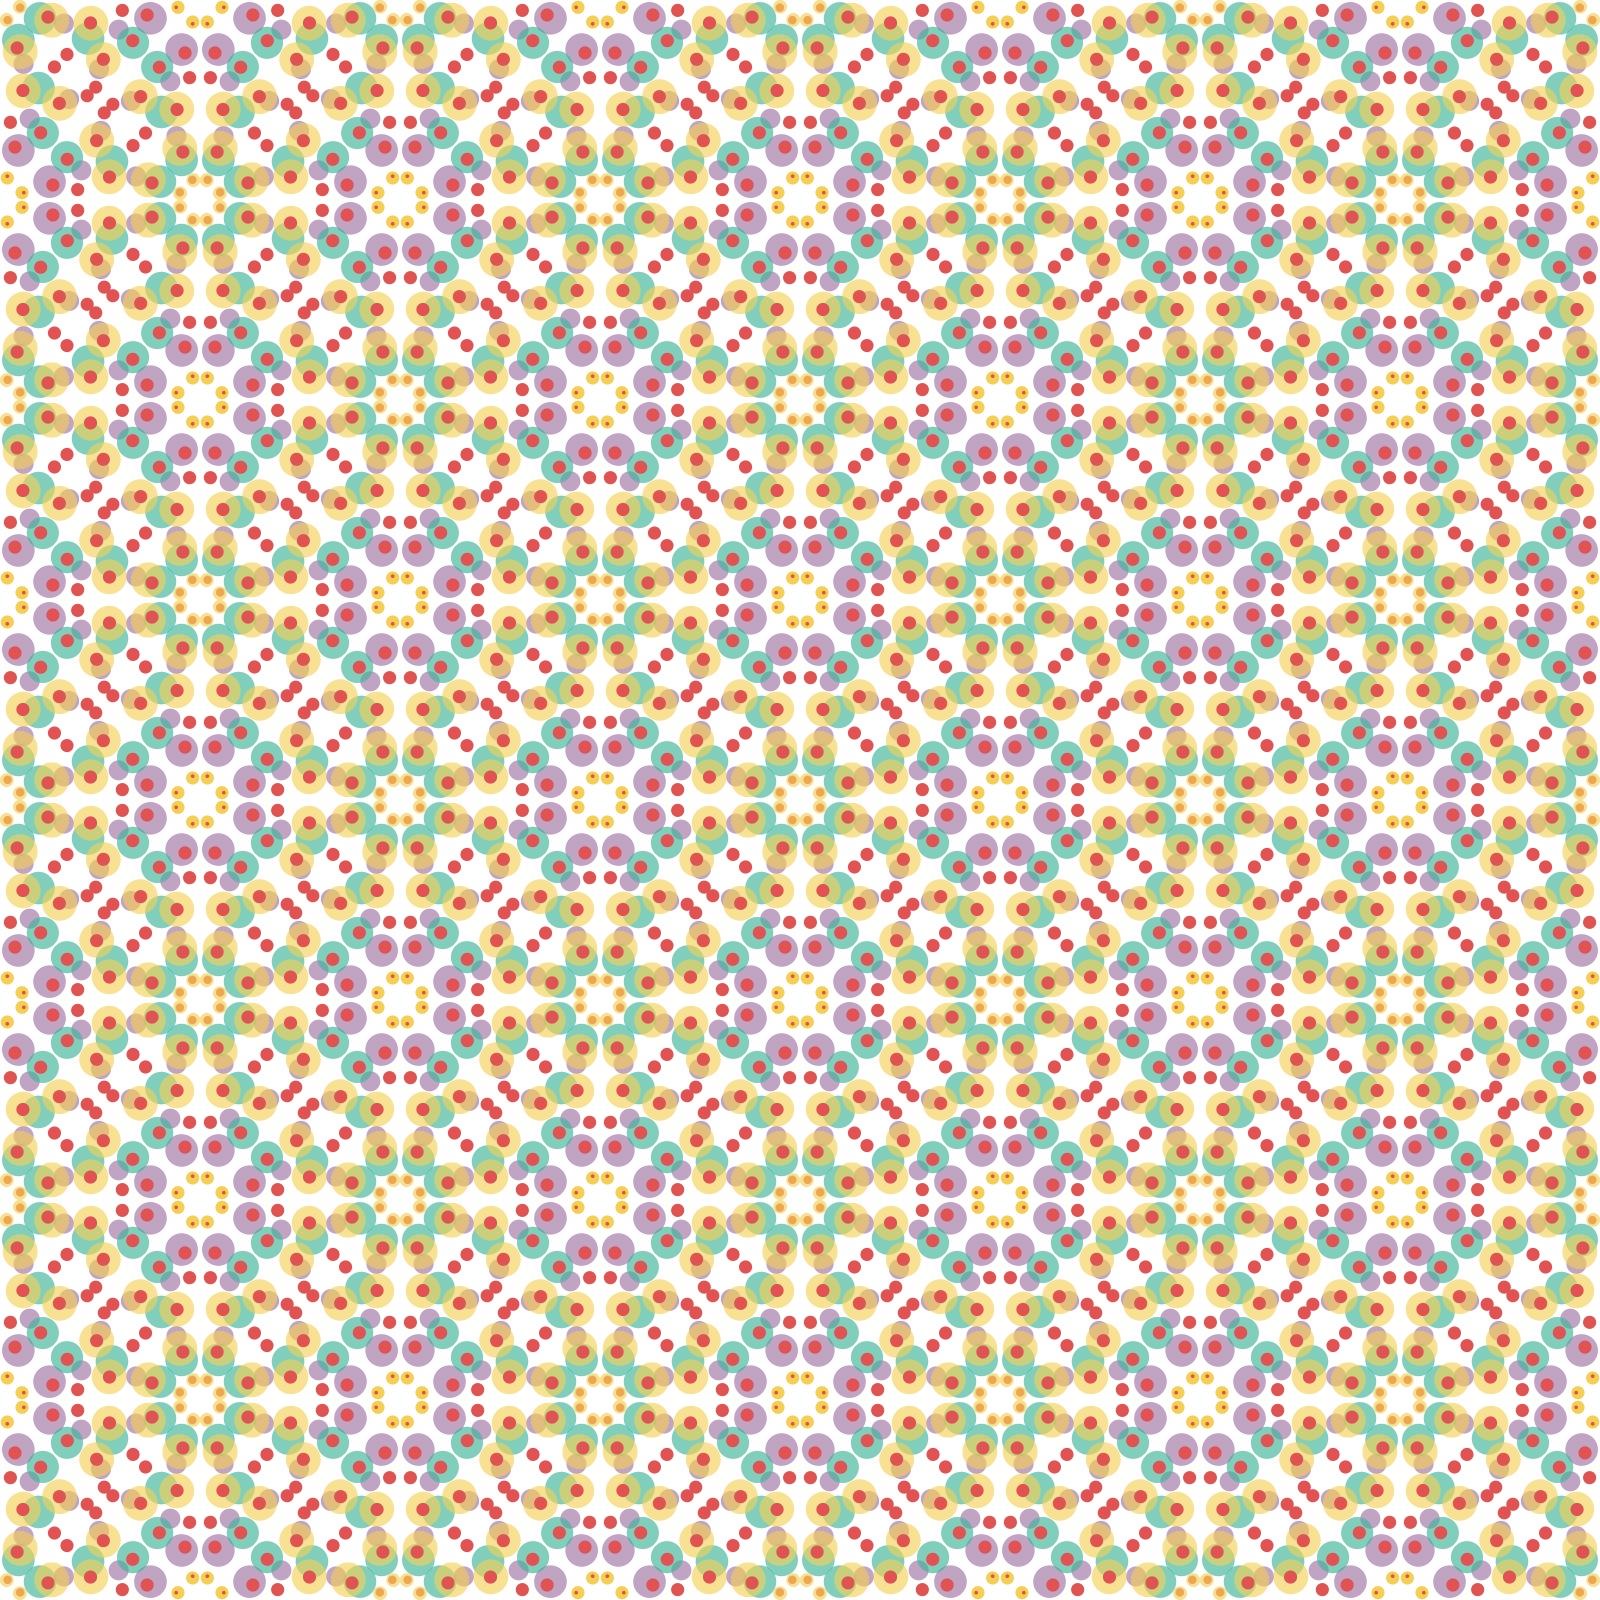 045_tiled